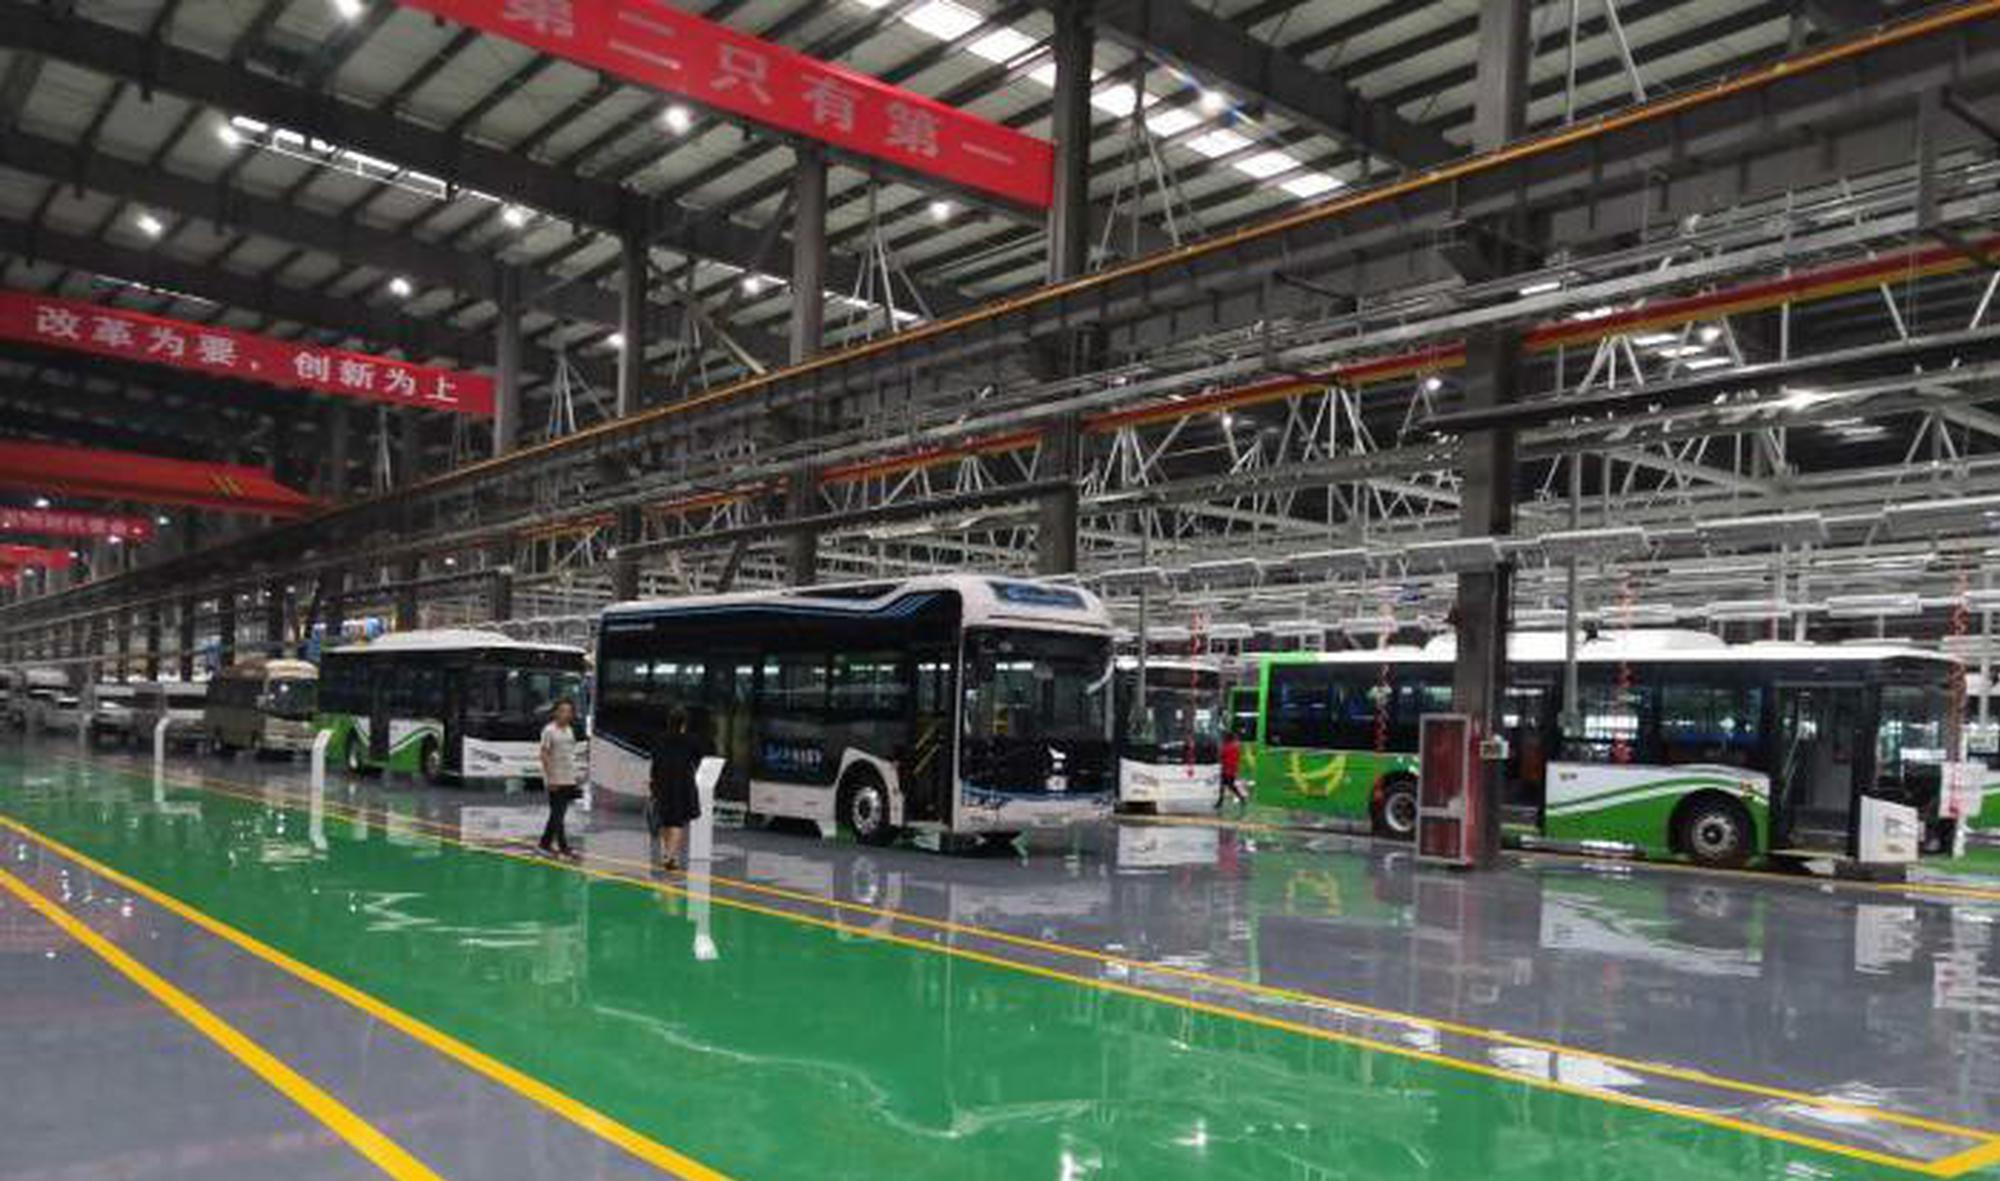 山西自主研发生产第一辆氢能源电动汽车下线